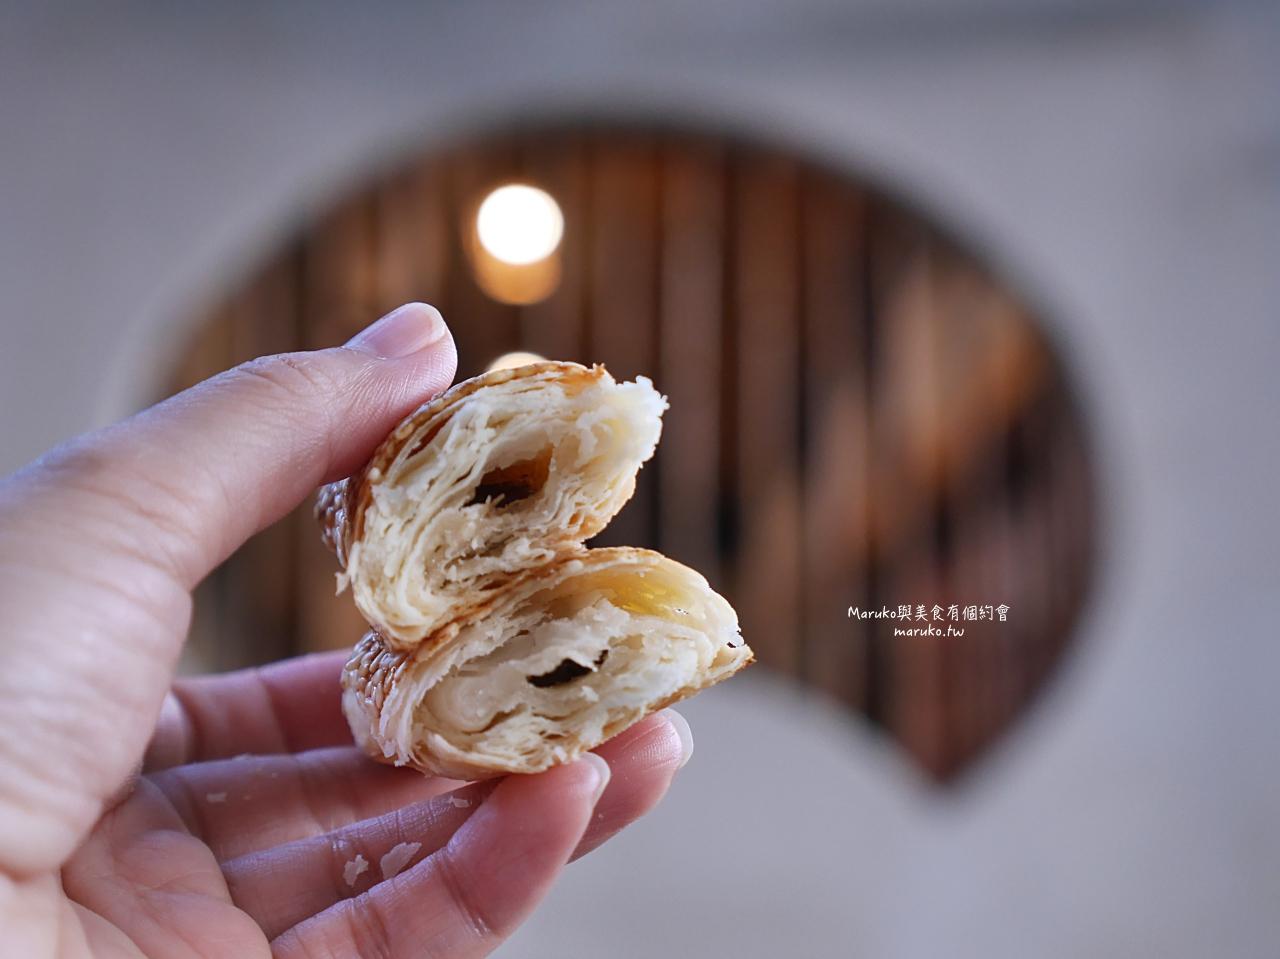 【台北伴手禮】台北御珍/冰心綠豆黃低糖低油傳統中式點心/端午節送禮推薦 @Maruko與美食有個約會